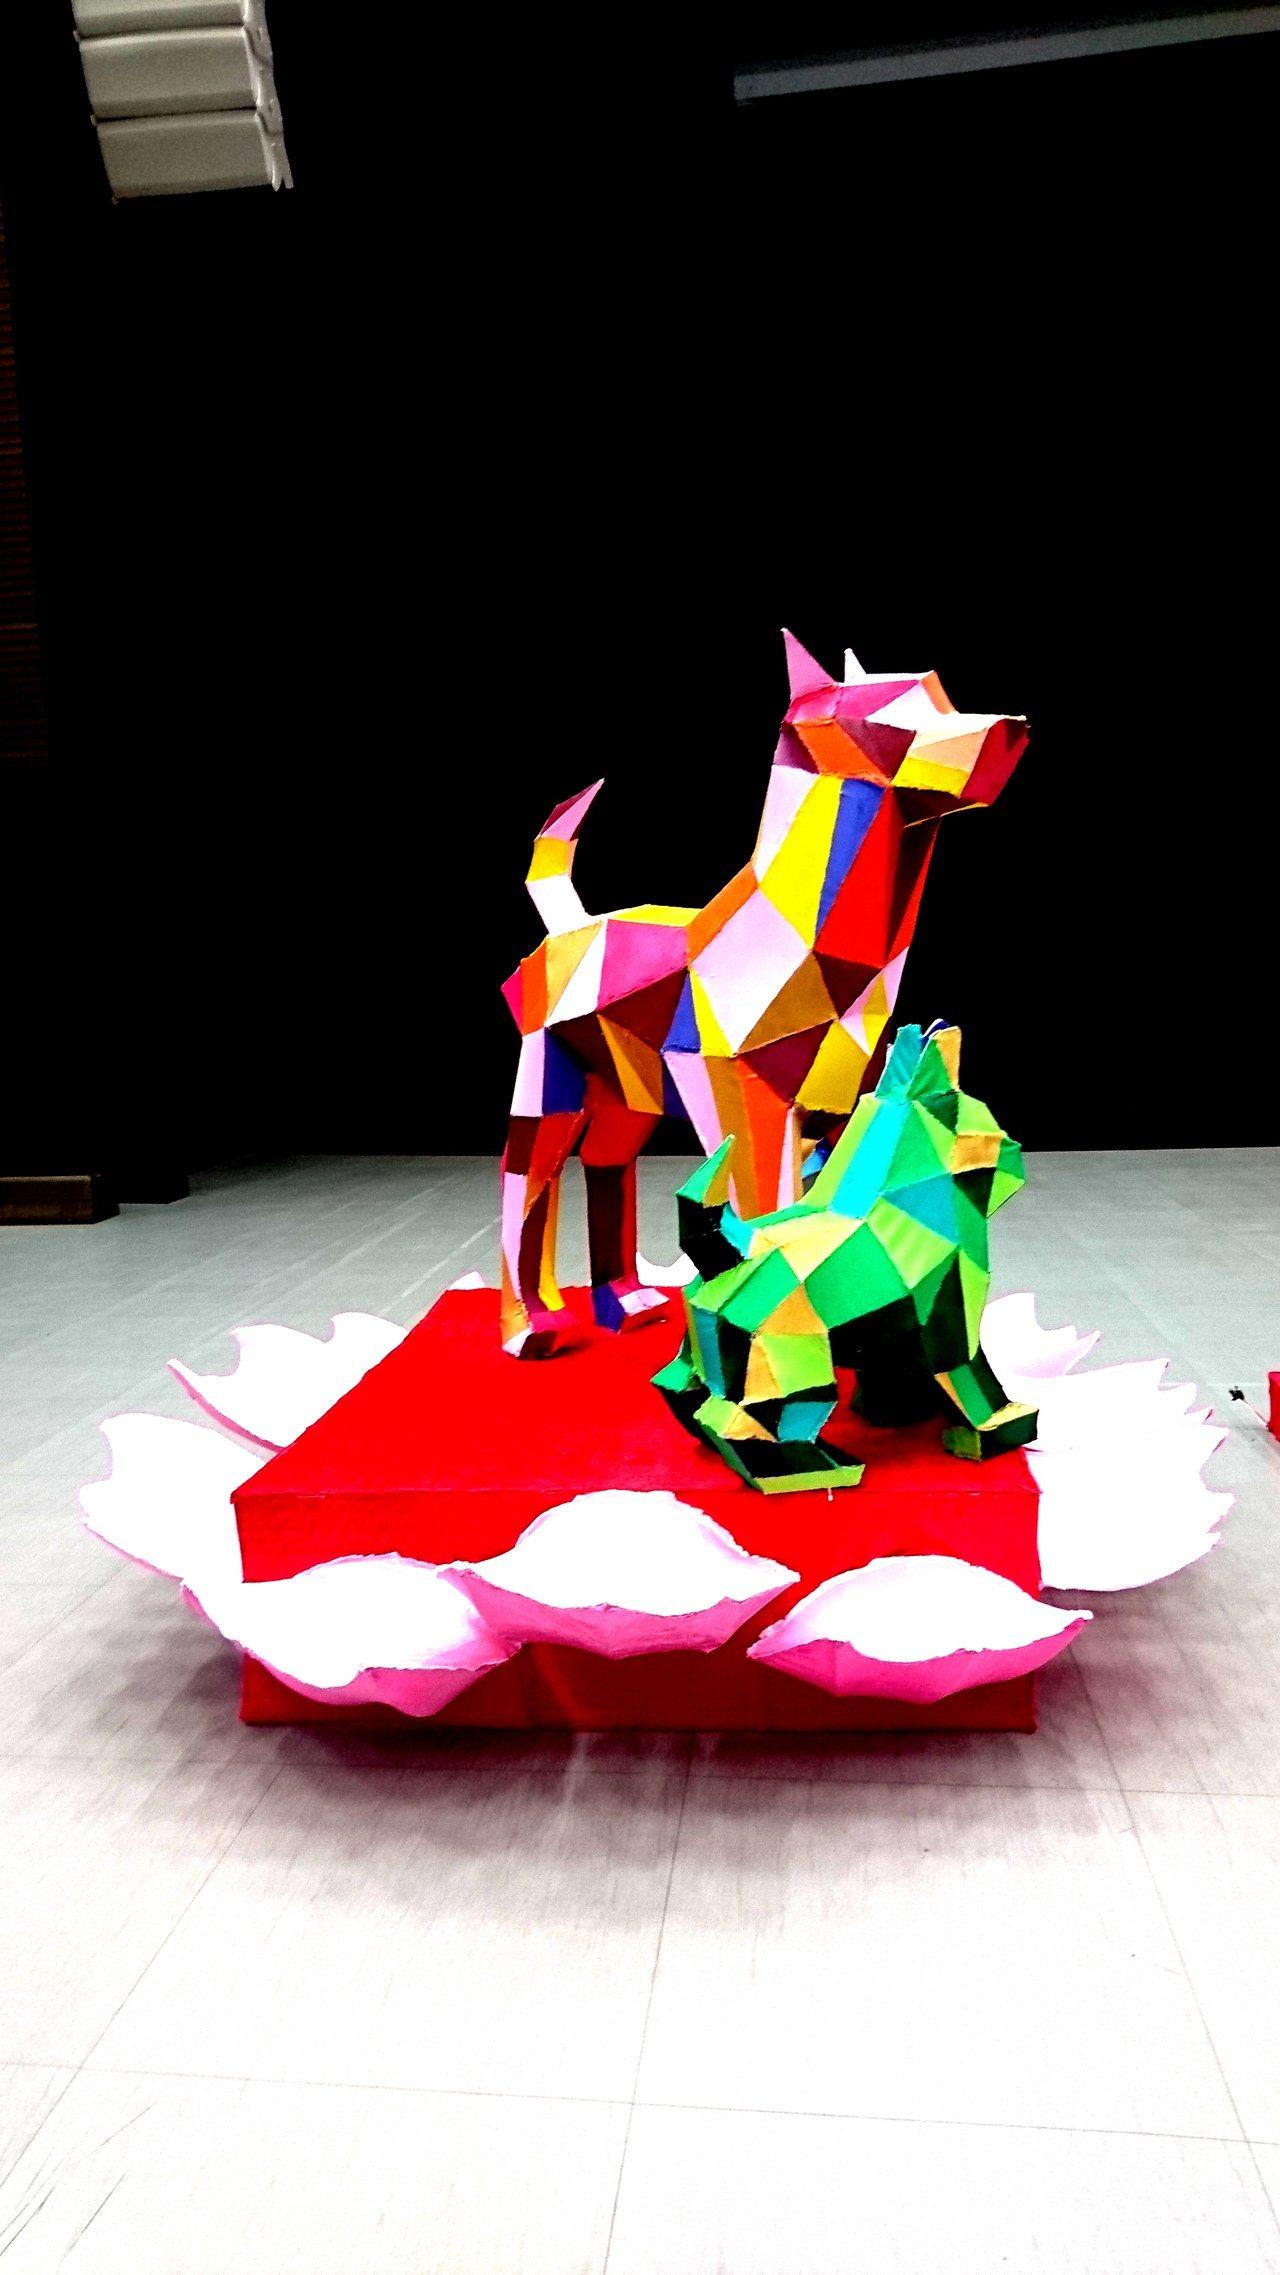 台中港區藝術中心主燈「祥旺花都」以雌性台灣犬及幼犬站立於花朵之中,雌犬機警保護身...